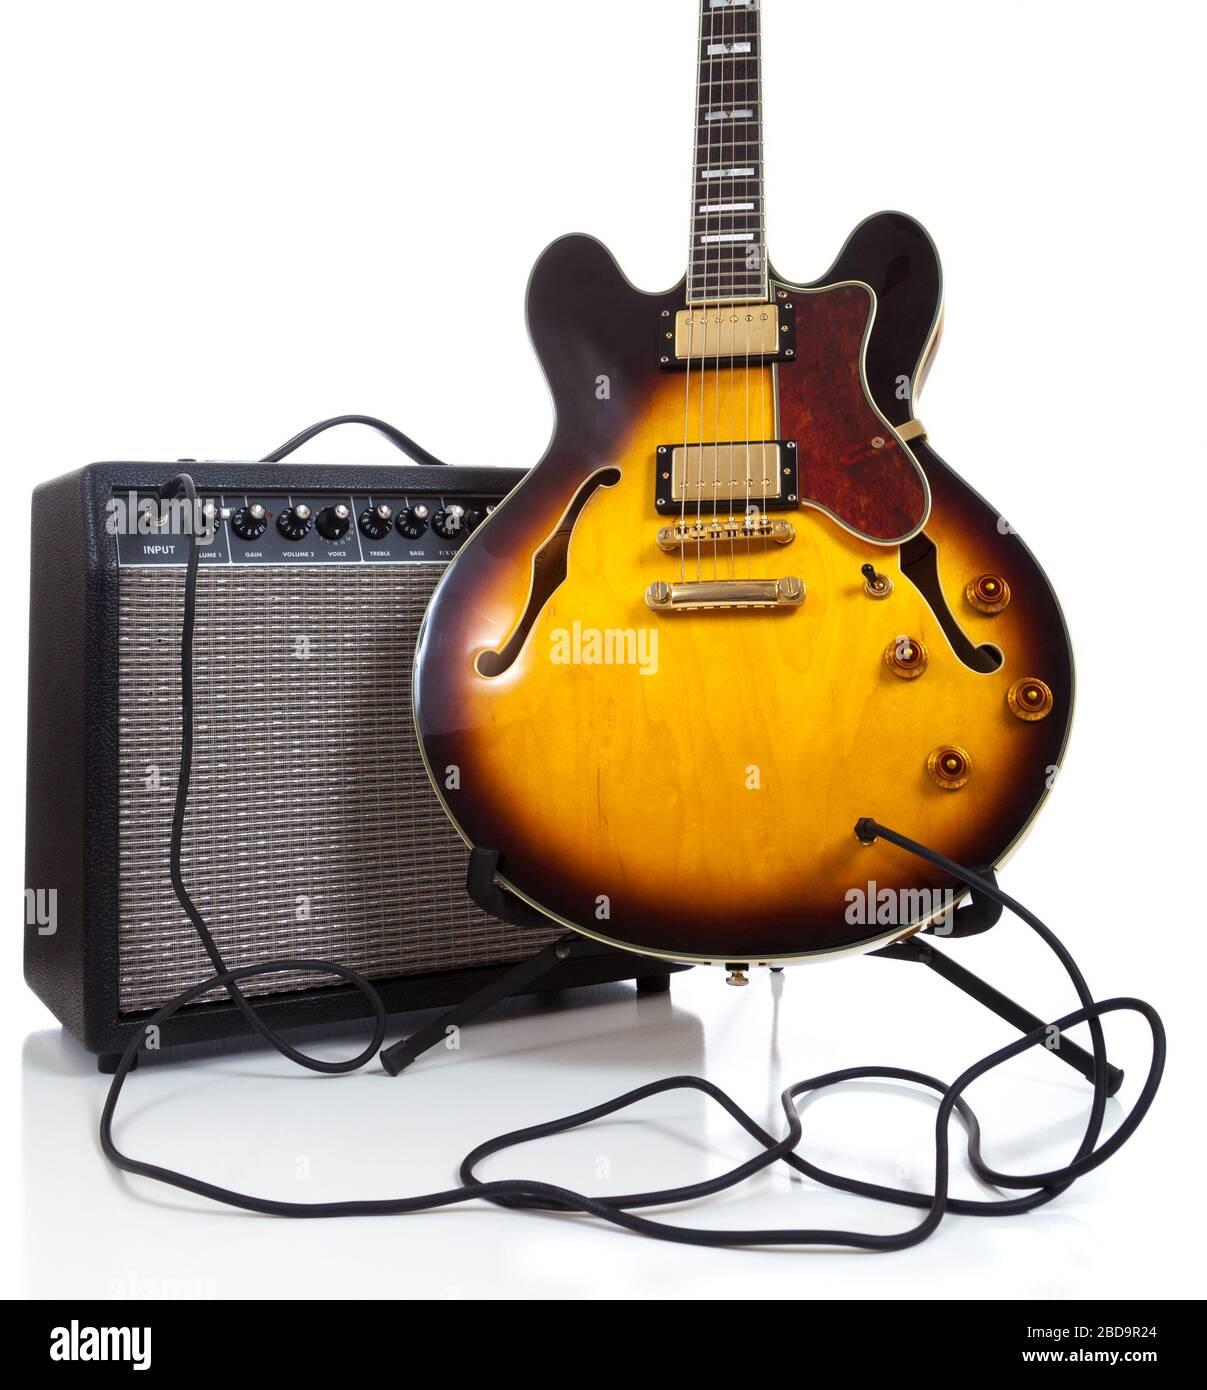 Guitare électrique semi-solide vintage et amplificateur sur blanc Banque D'Images